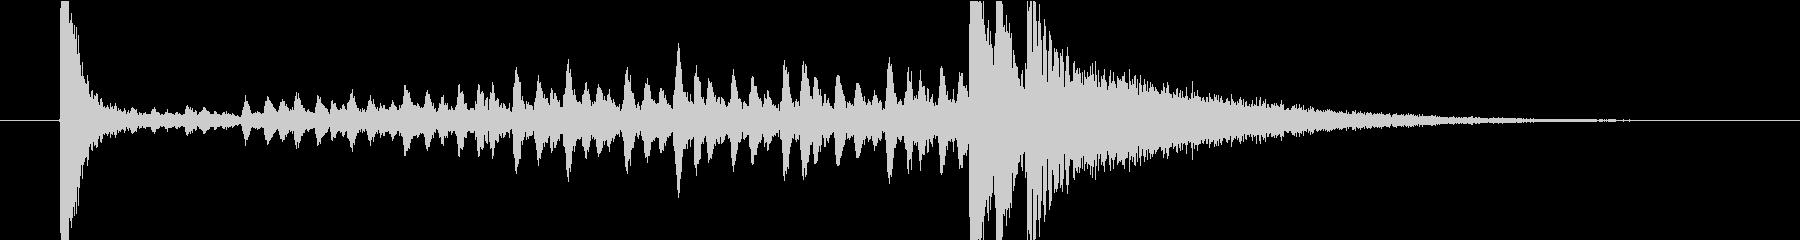 4秒・ドラムロール(タカタカ→シャーン)の未再生の波形